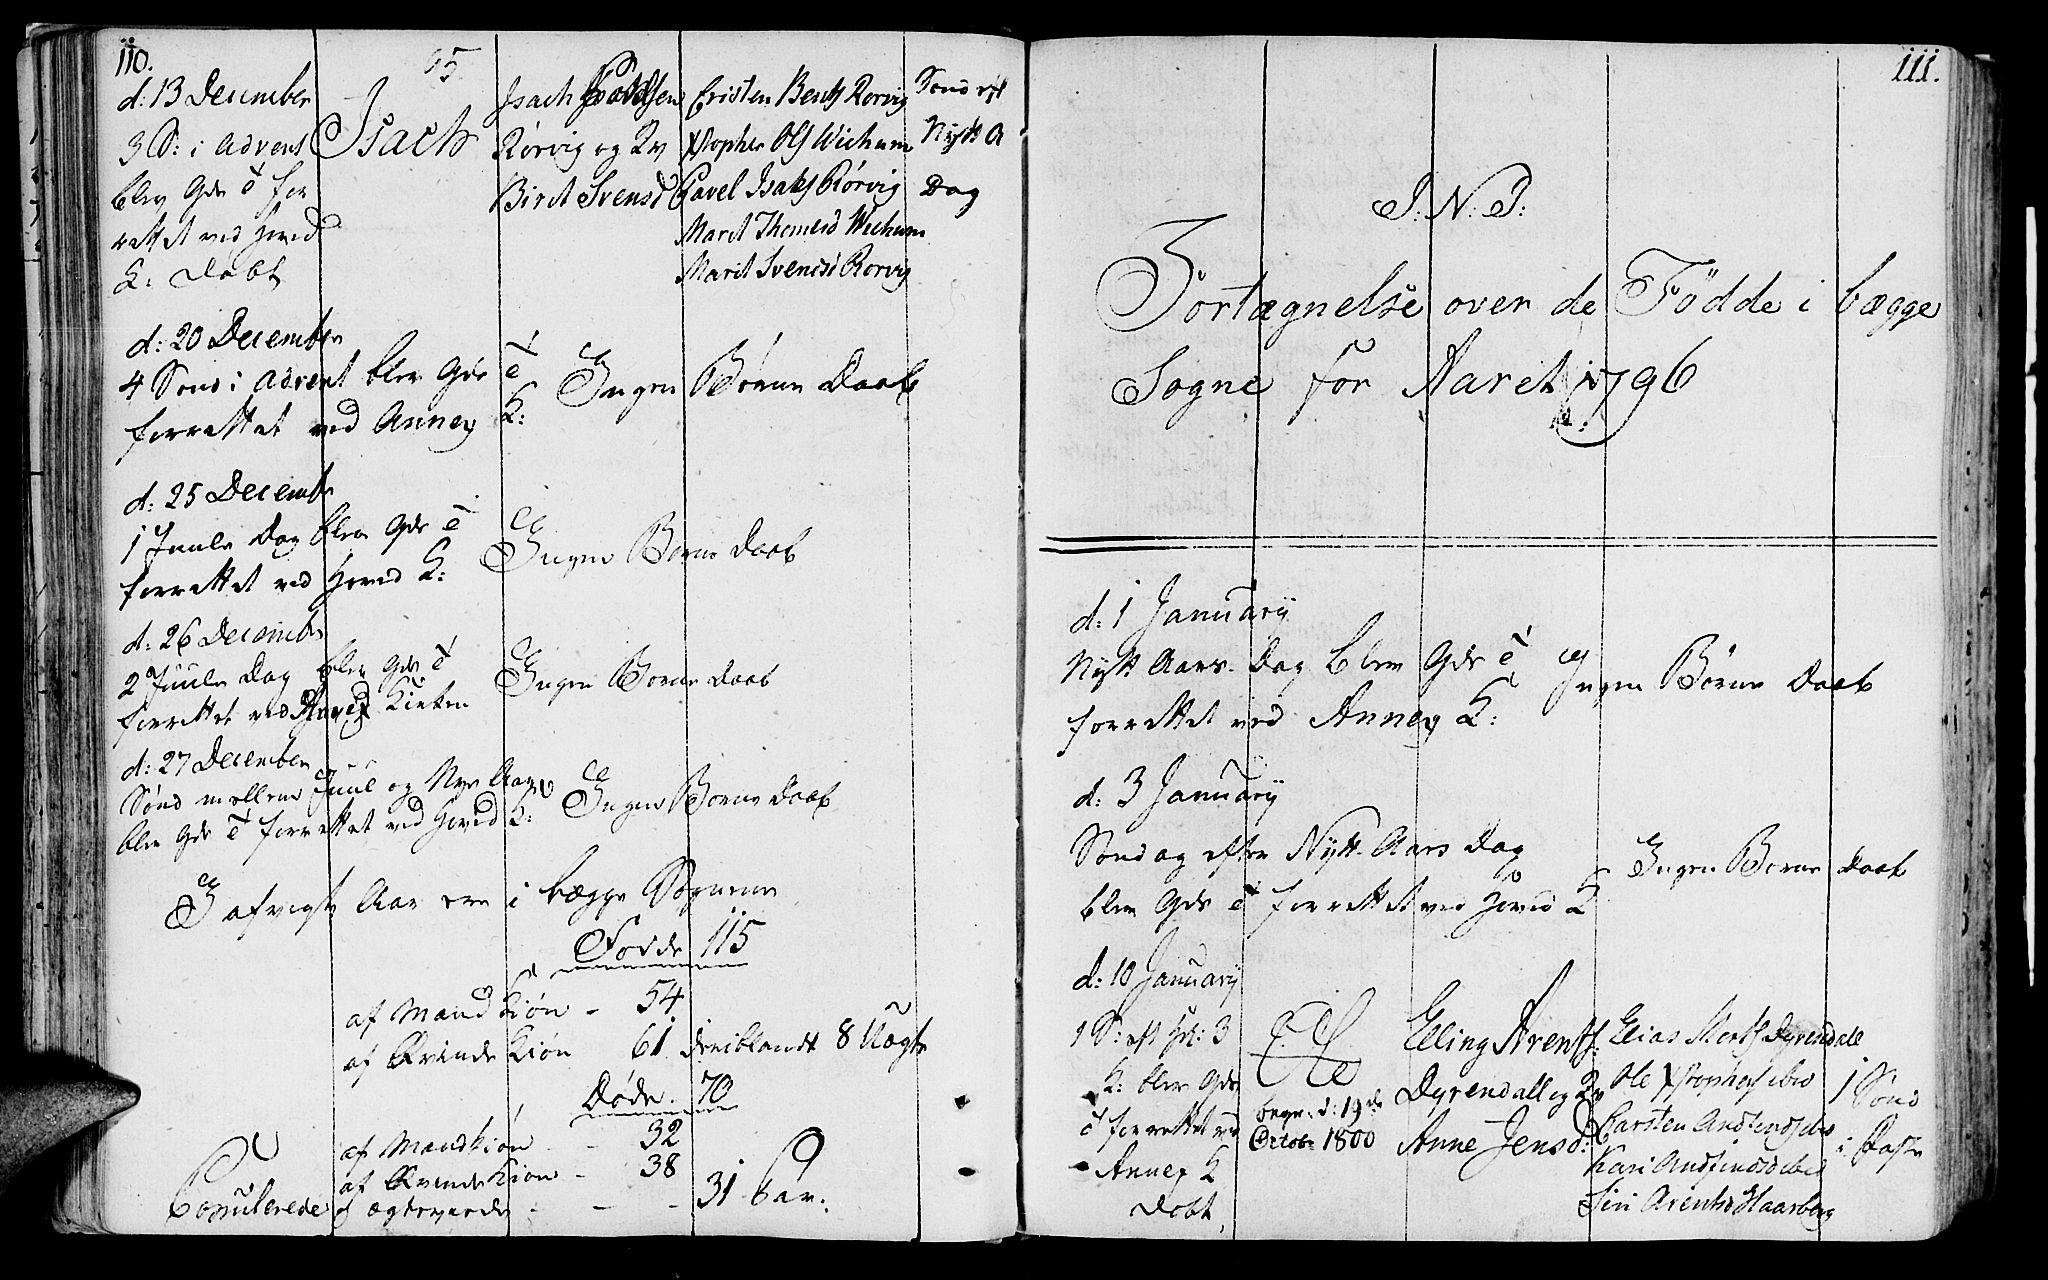 SAT, Ministerialprotokoller, klokkerbøker og fødselsregistre - Sør-Trøndelag, 646/L0606: Ministerialbok nr. 646A04, 1791-1805, s. 110-111